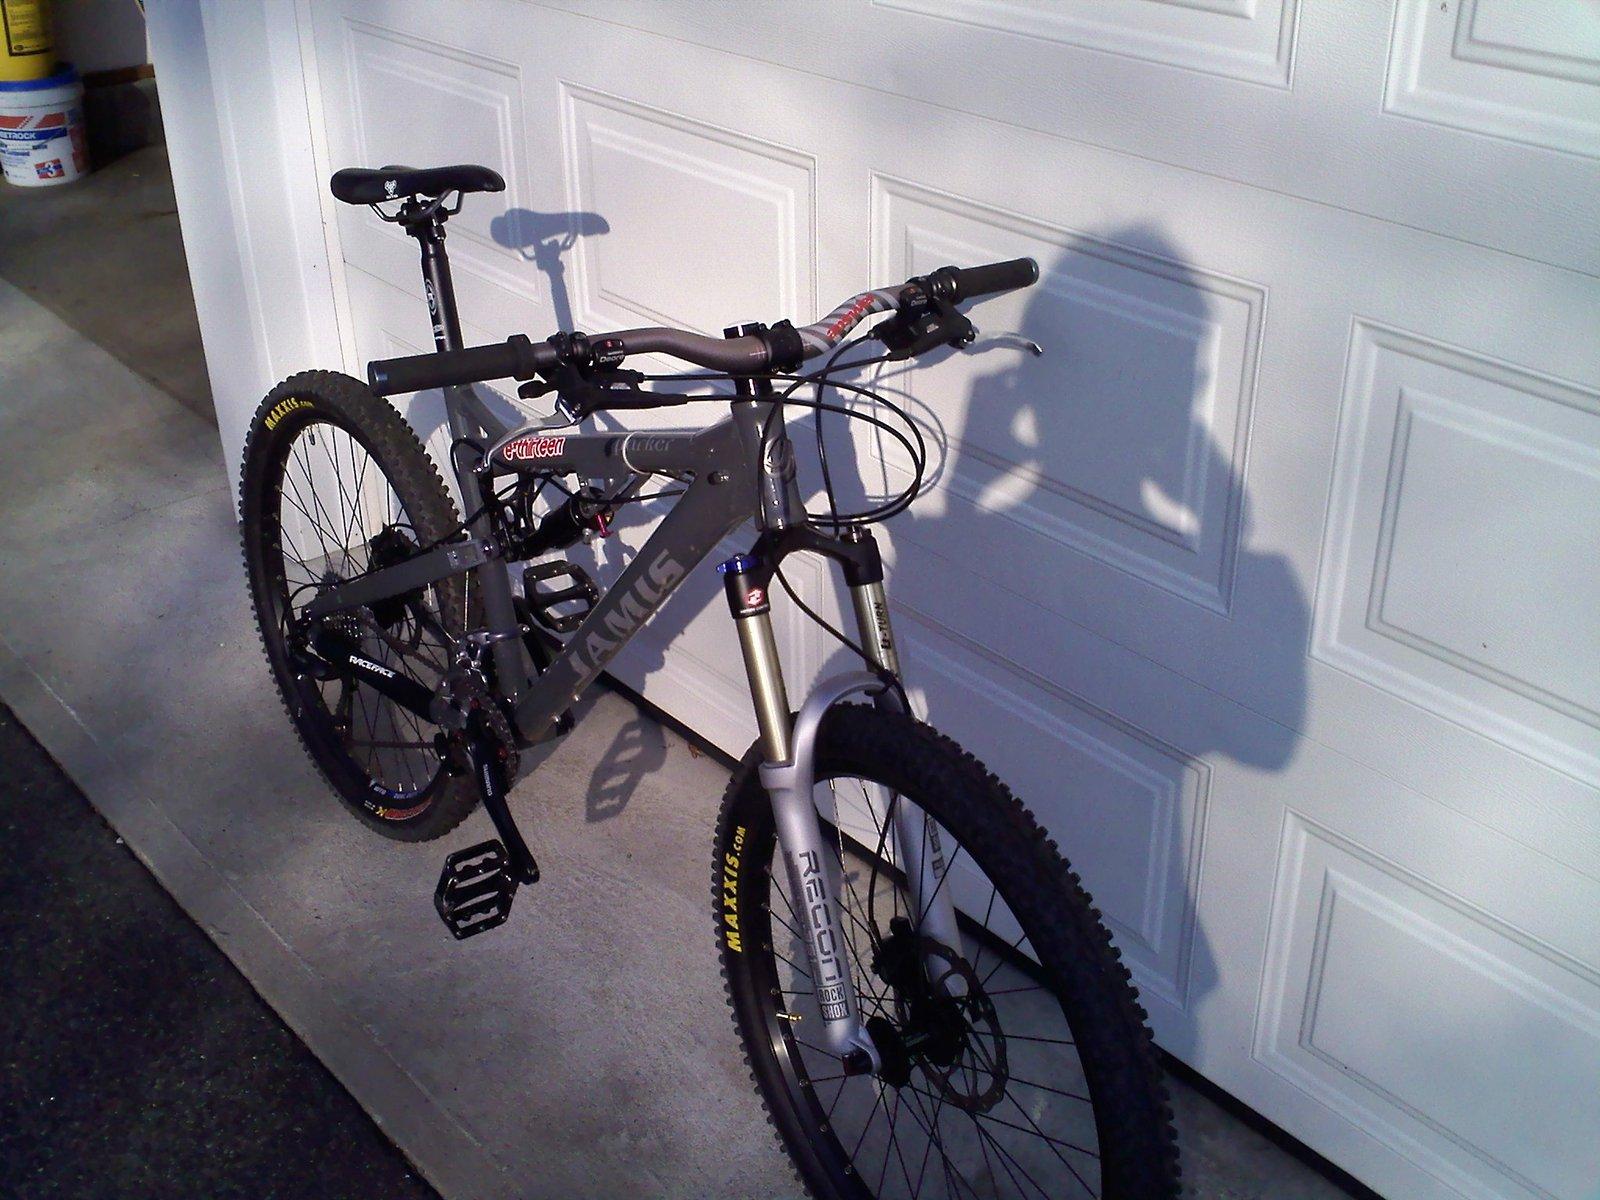 My bike again